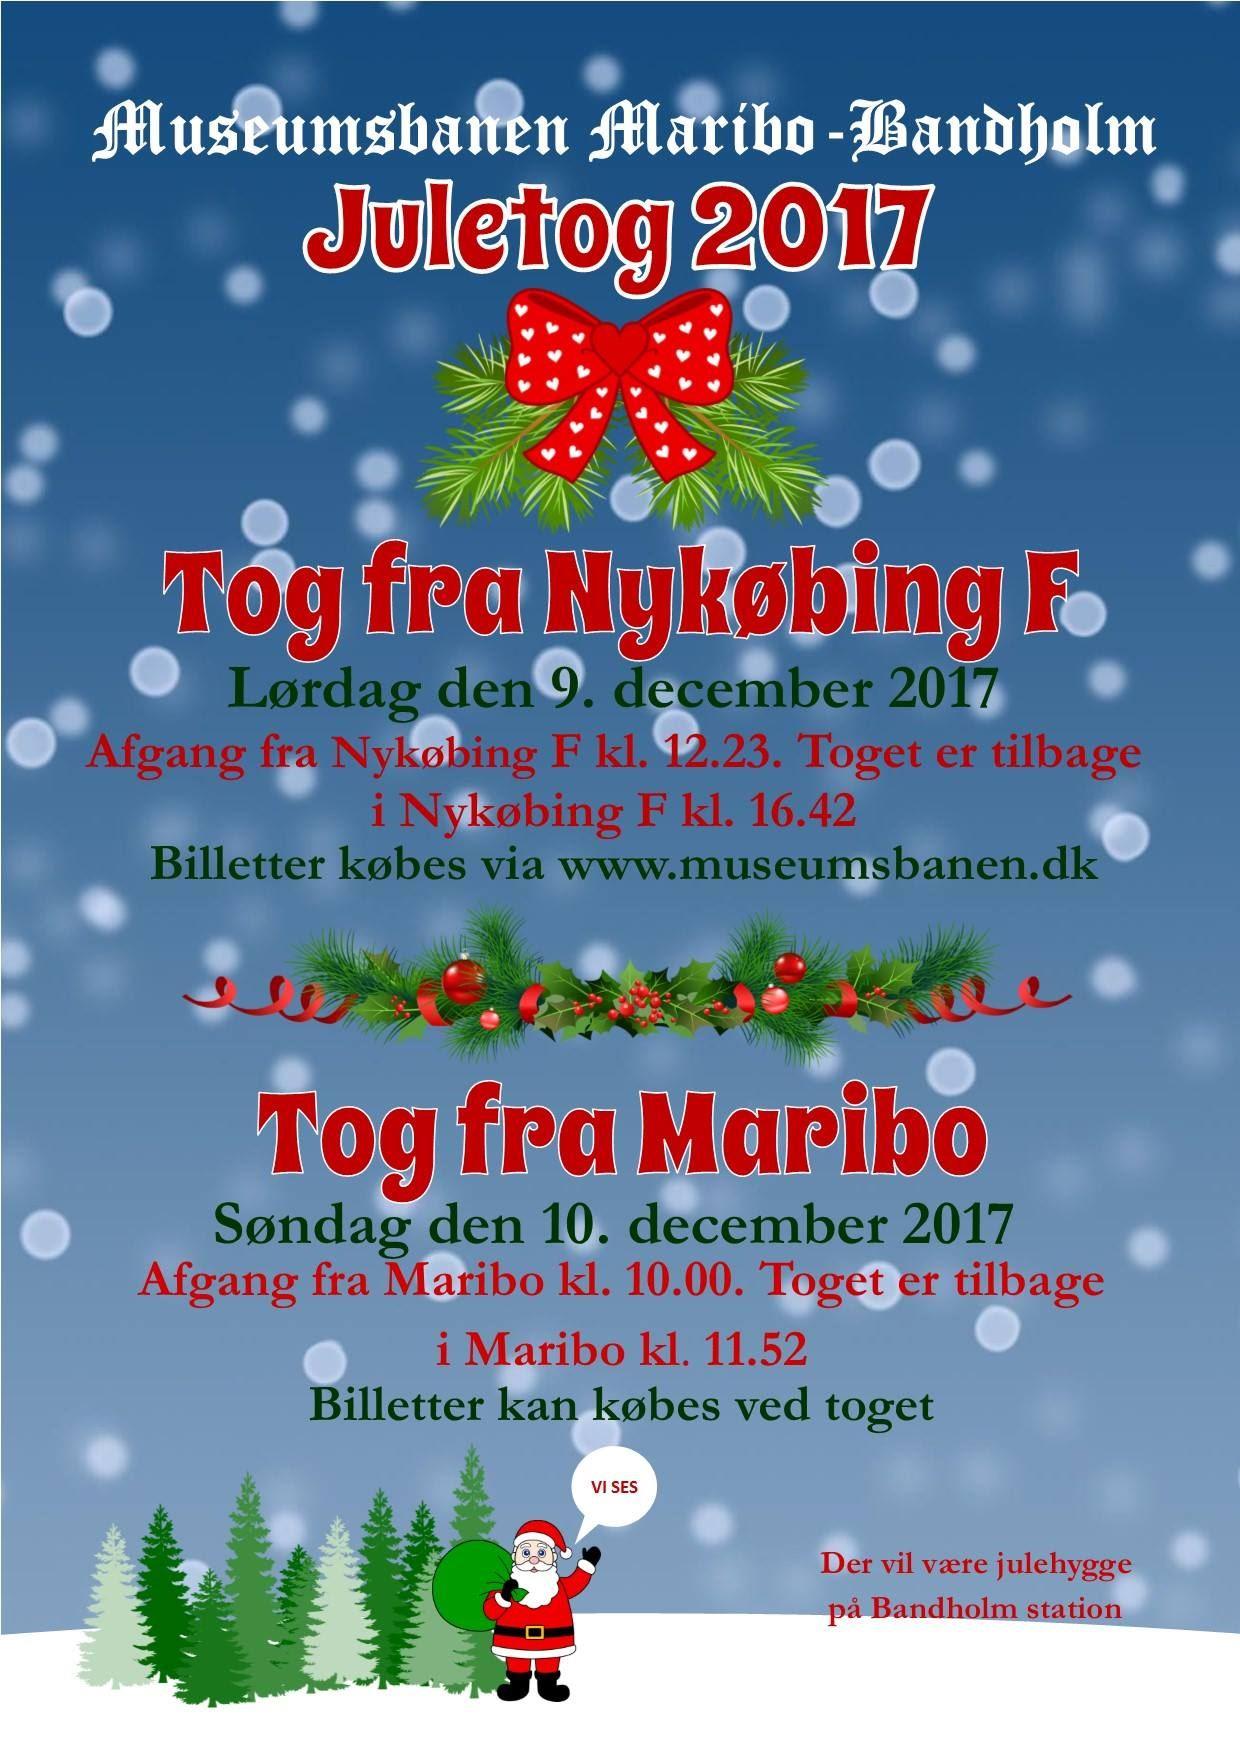 Juletog fra Maribo